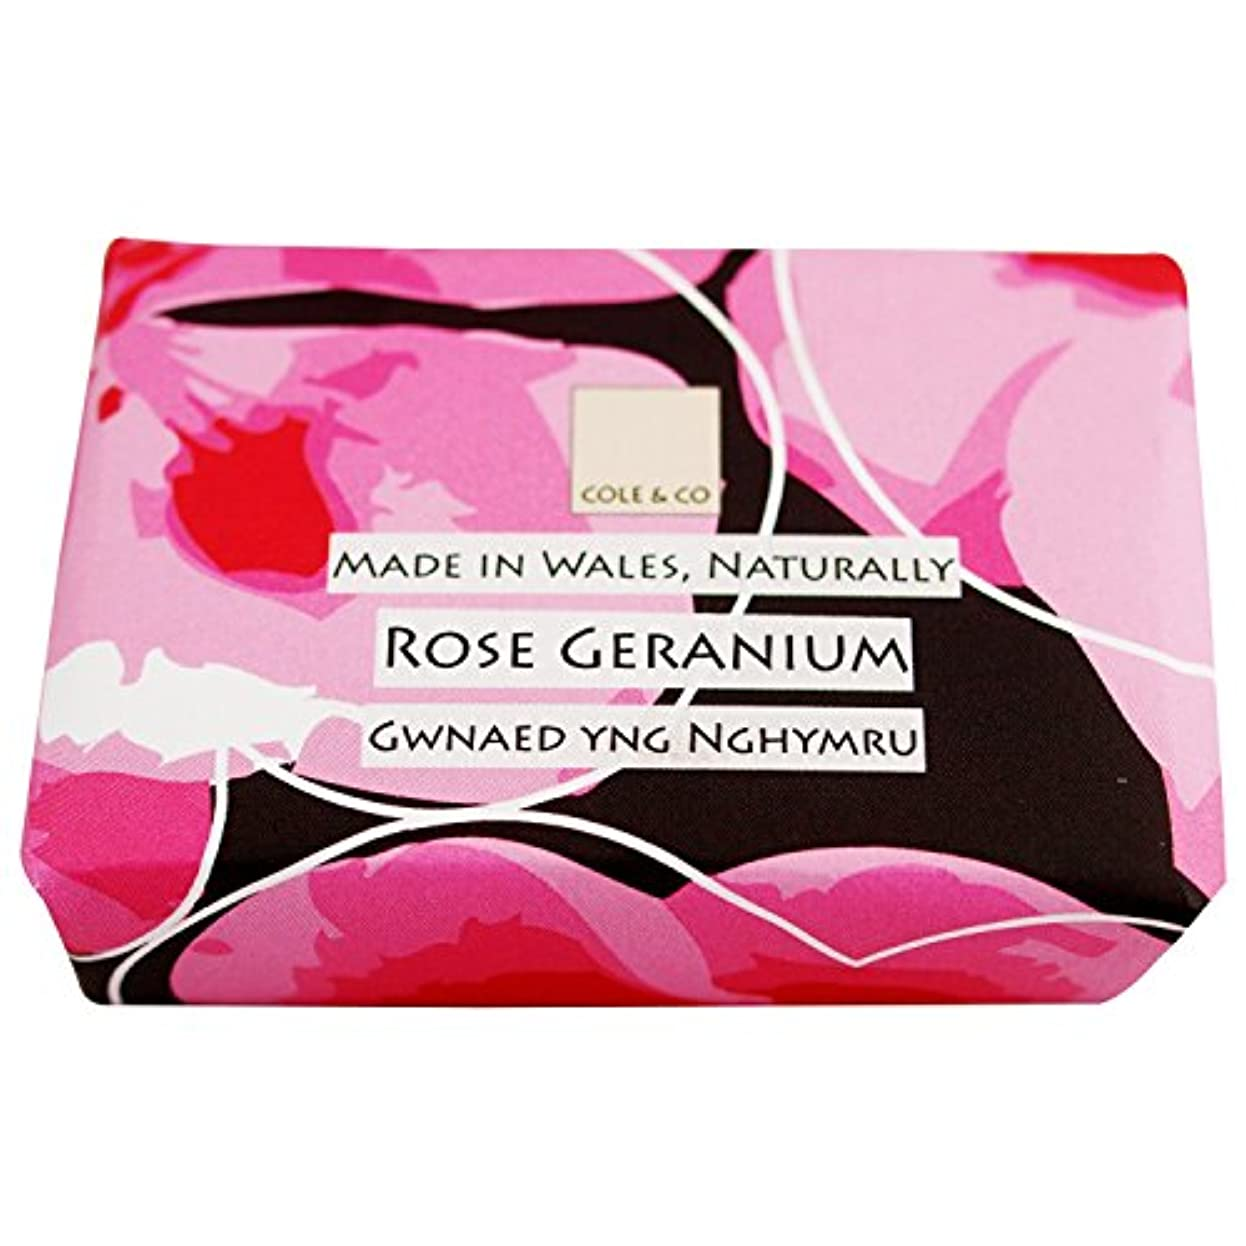 乳製品評価可能錫コール&Coはゼラニウム石鹸80グラムのバラ (Cole & Co) - Cole & Co Rose Geranium Soap 80g [並行輸入品]